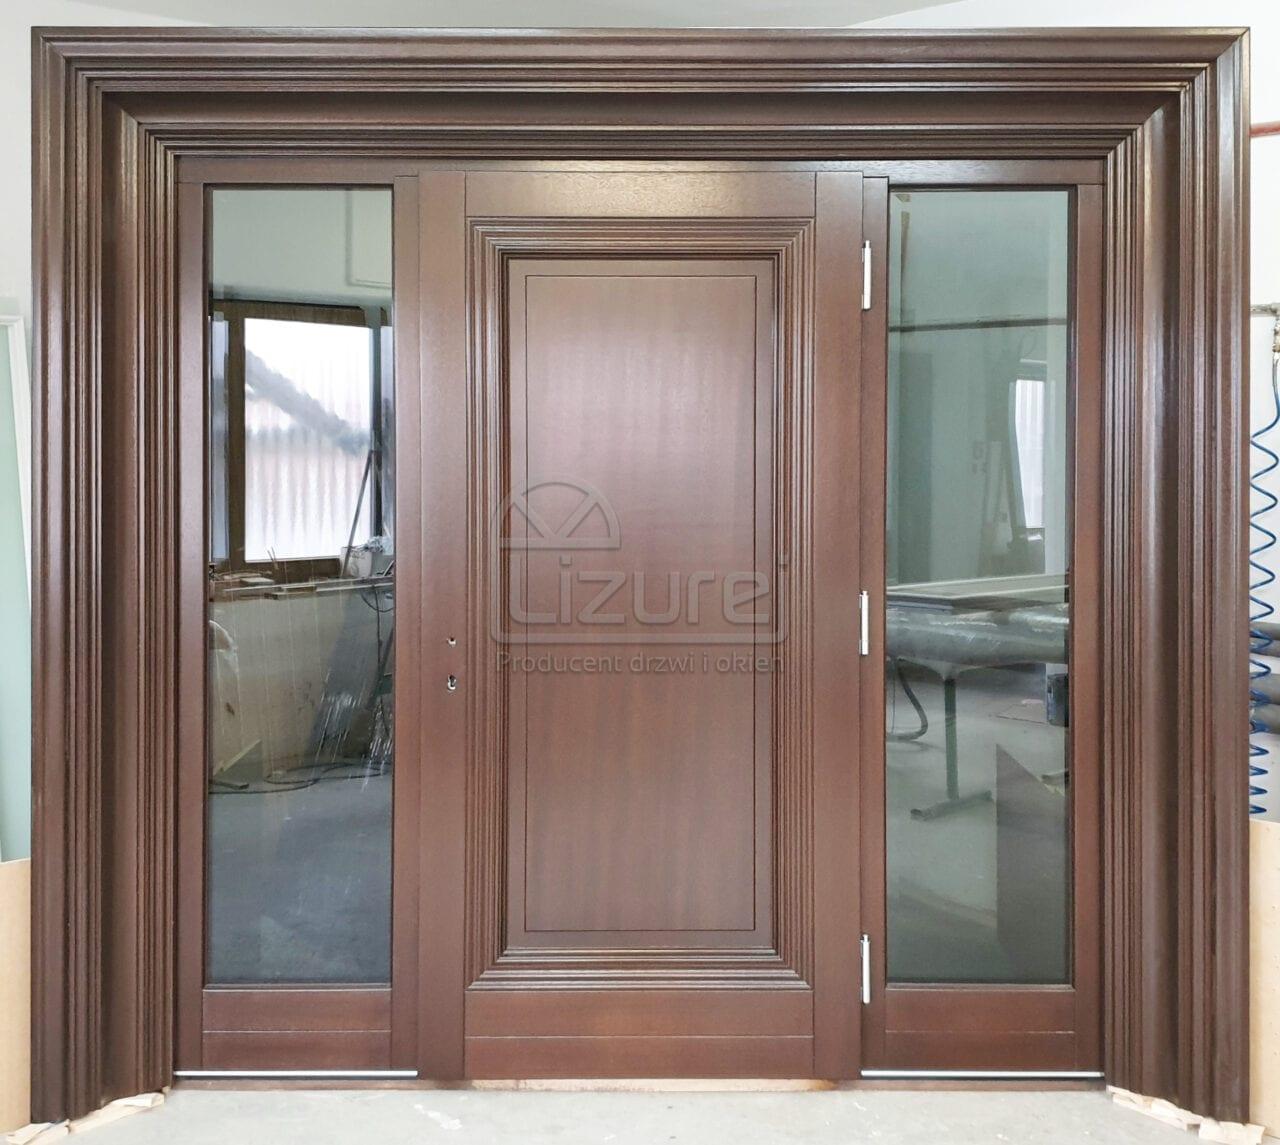 Drzwi zewnętrzne drewniane z oprawą Model LZ638